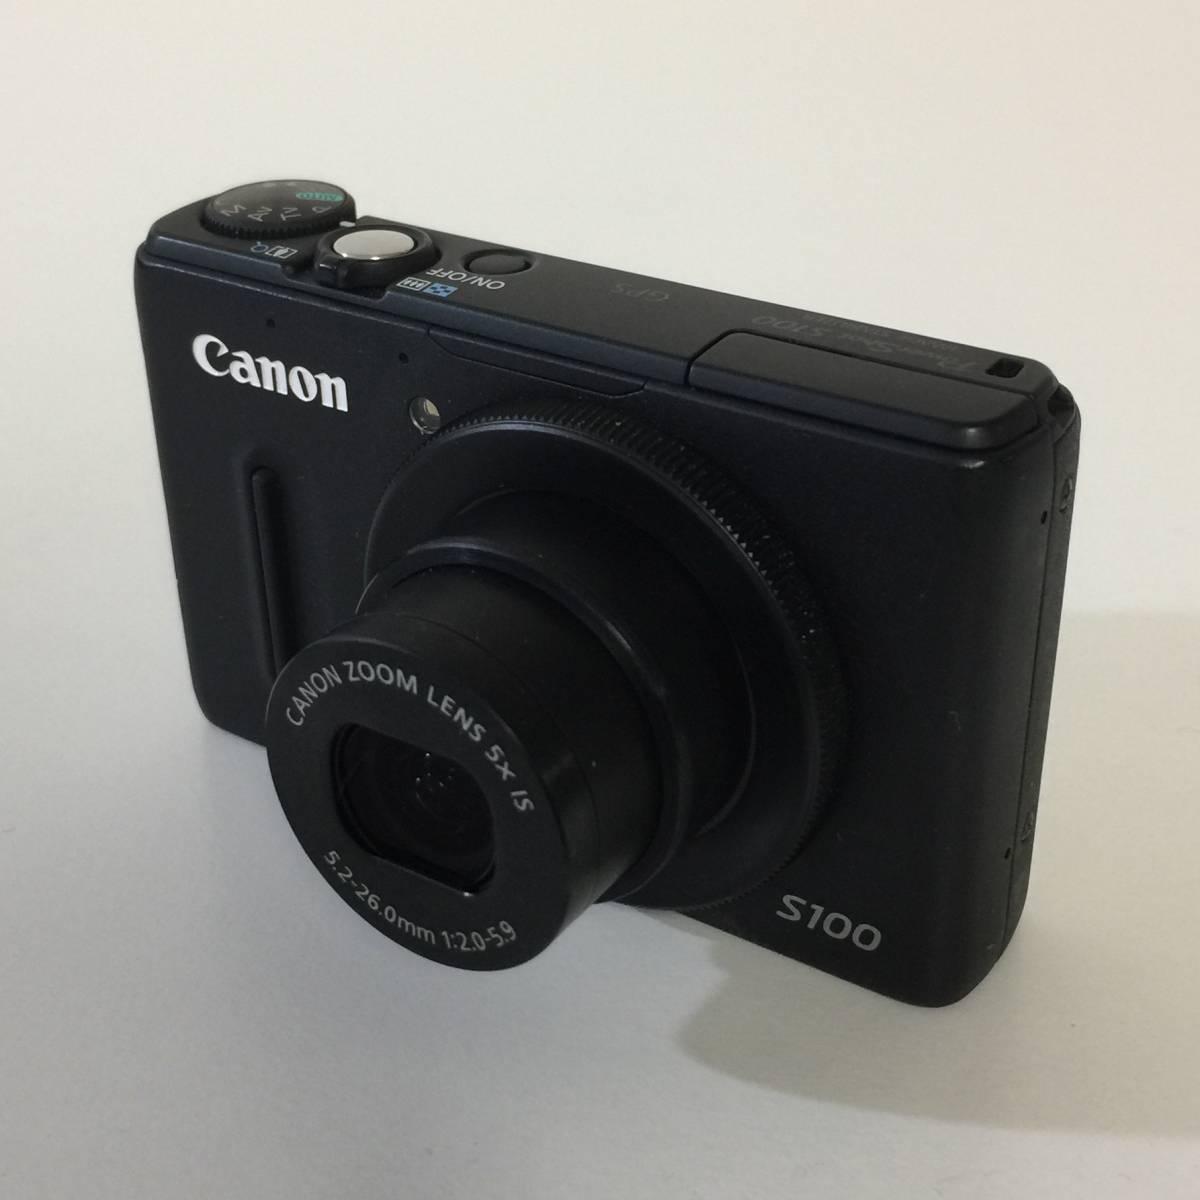 【Canon】 PowerShot パワーショット S100 ブラック 中古 1円スタート!!